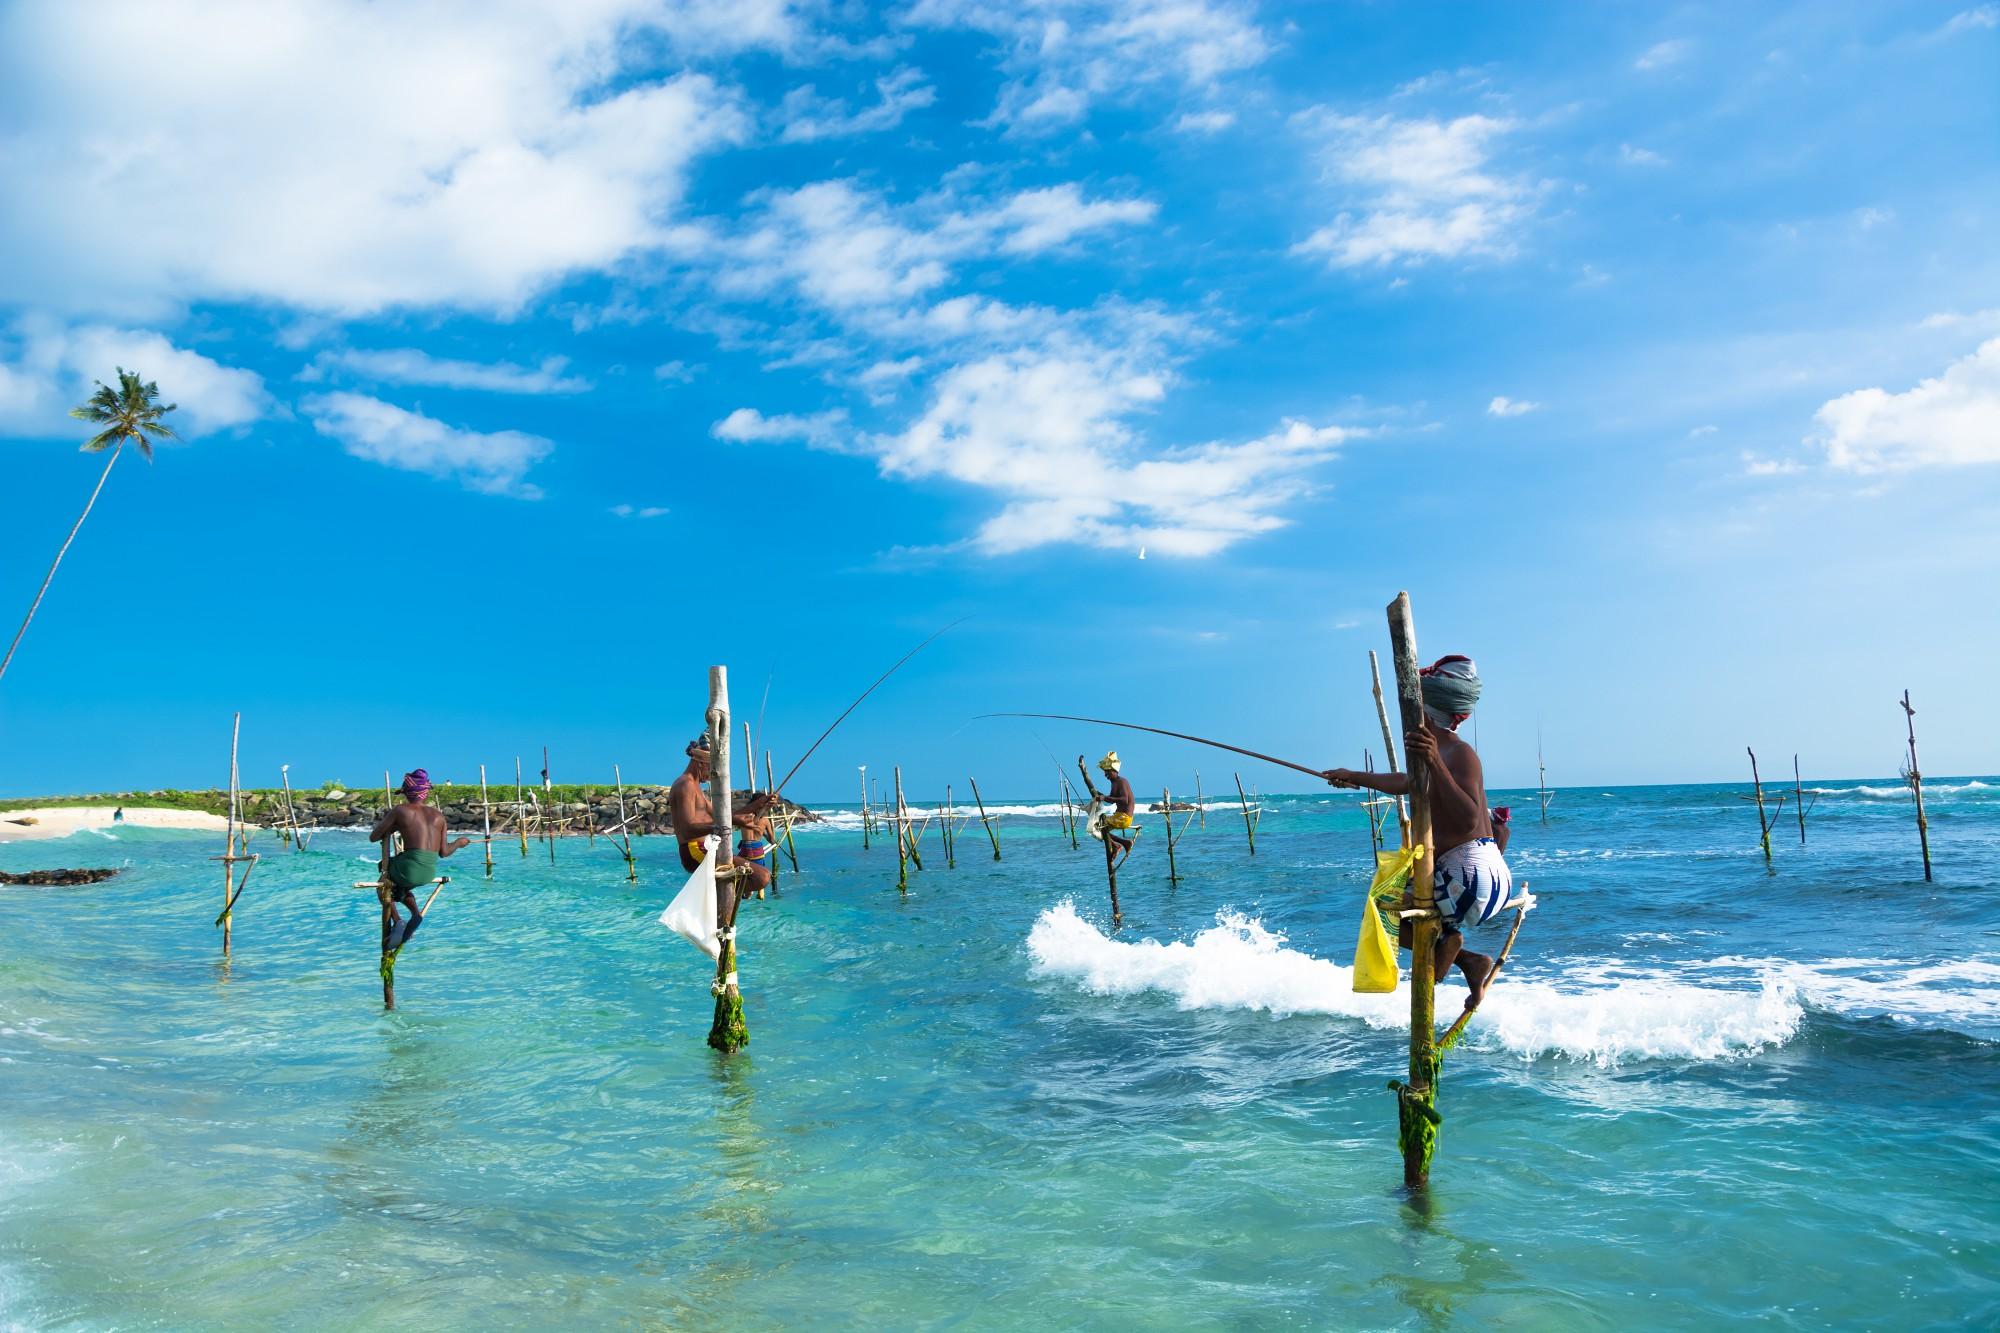 Rybáři na dřevěných kůlech jsou symbolem Srí Lanky